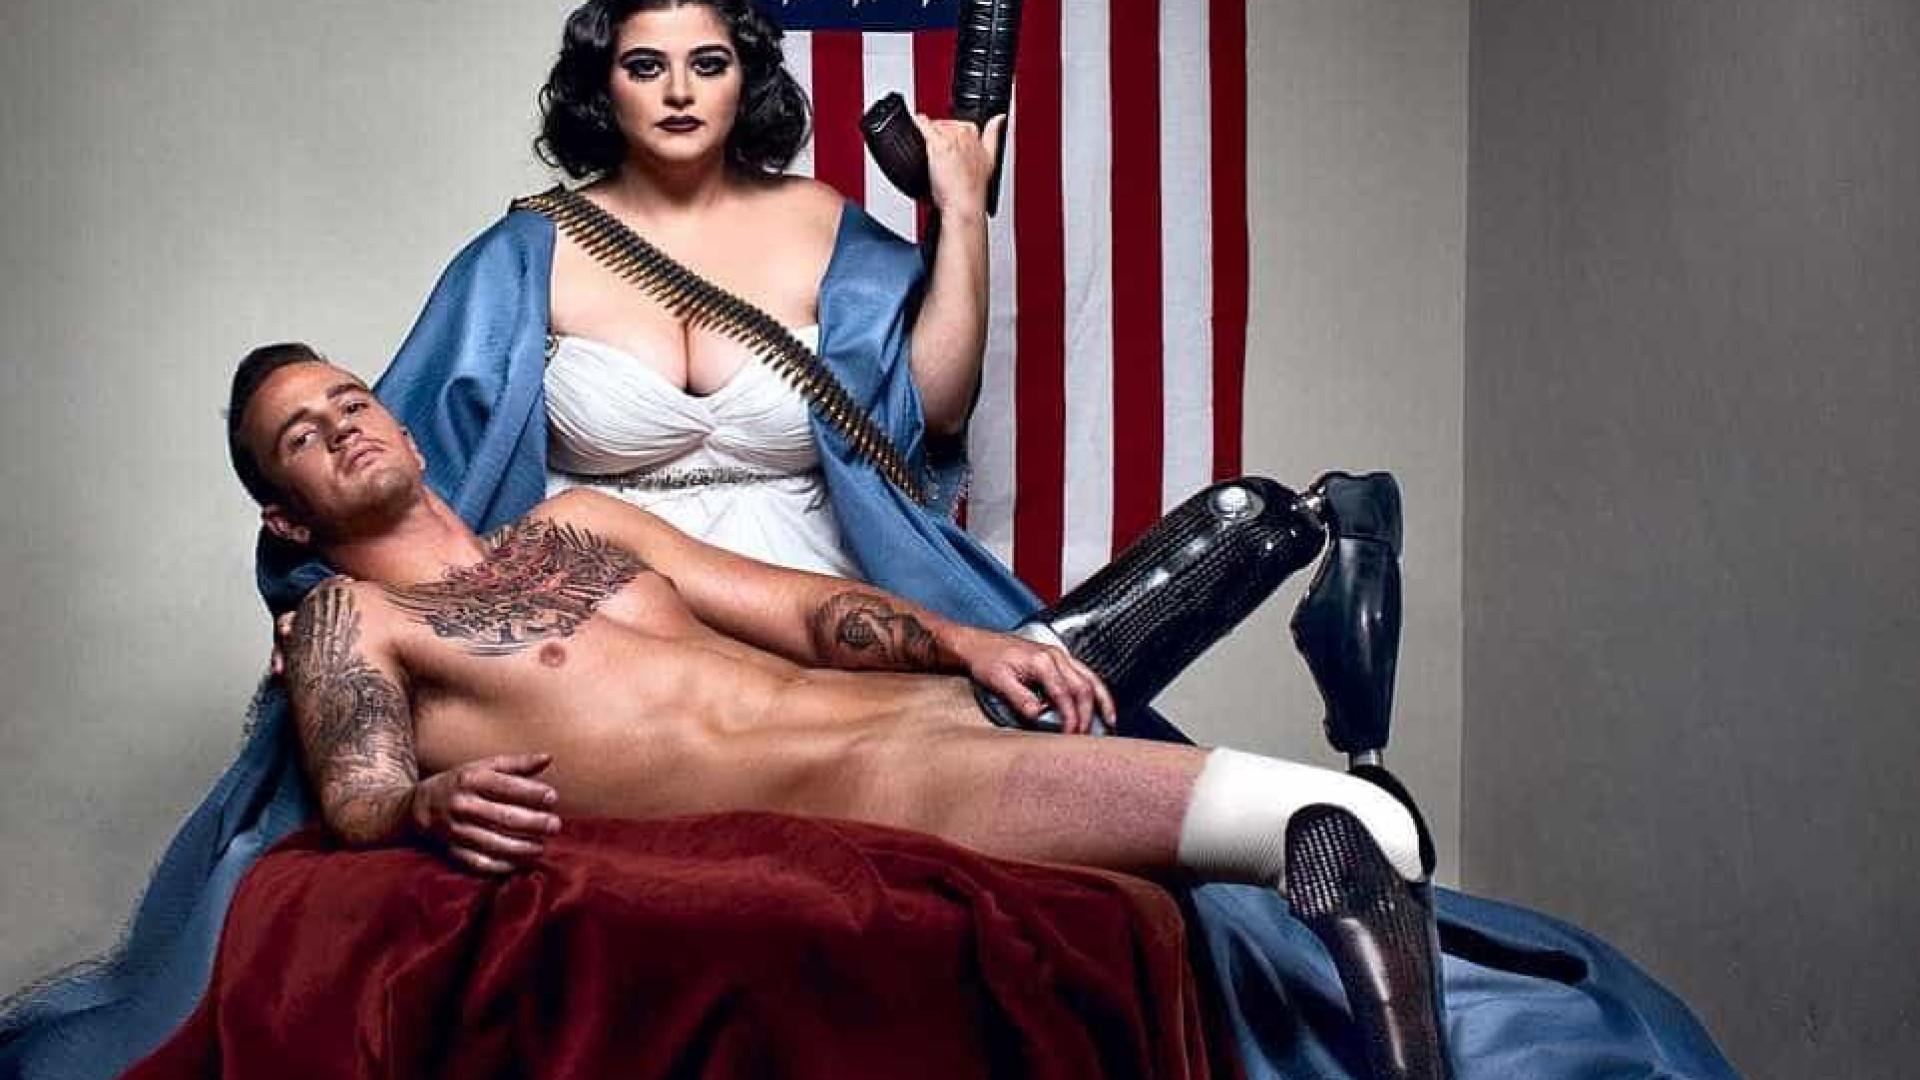 Fotógrafo desafia padrões da beleza ao retratar soldados amputados